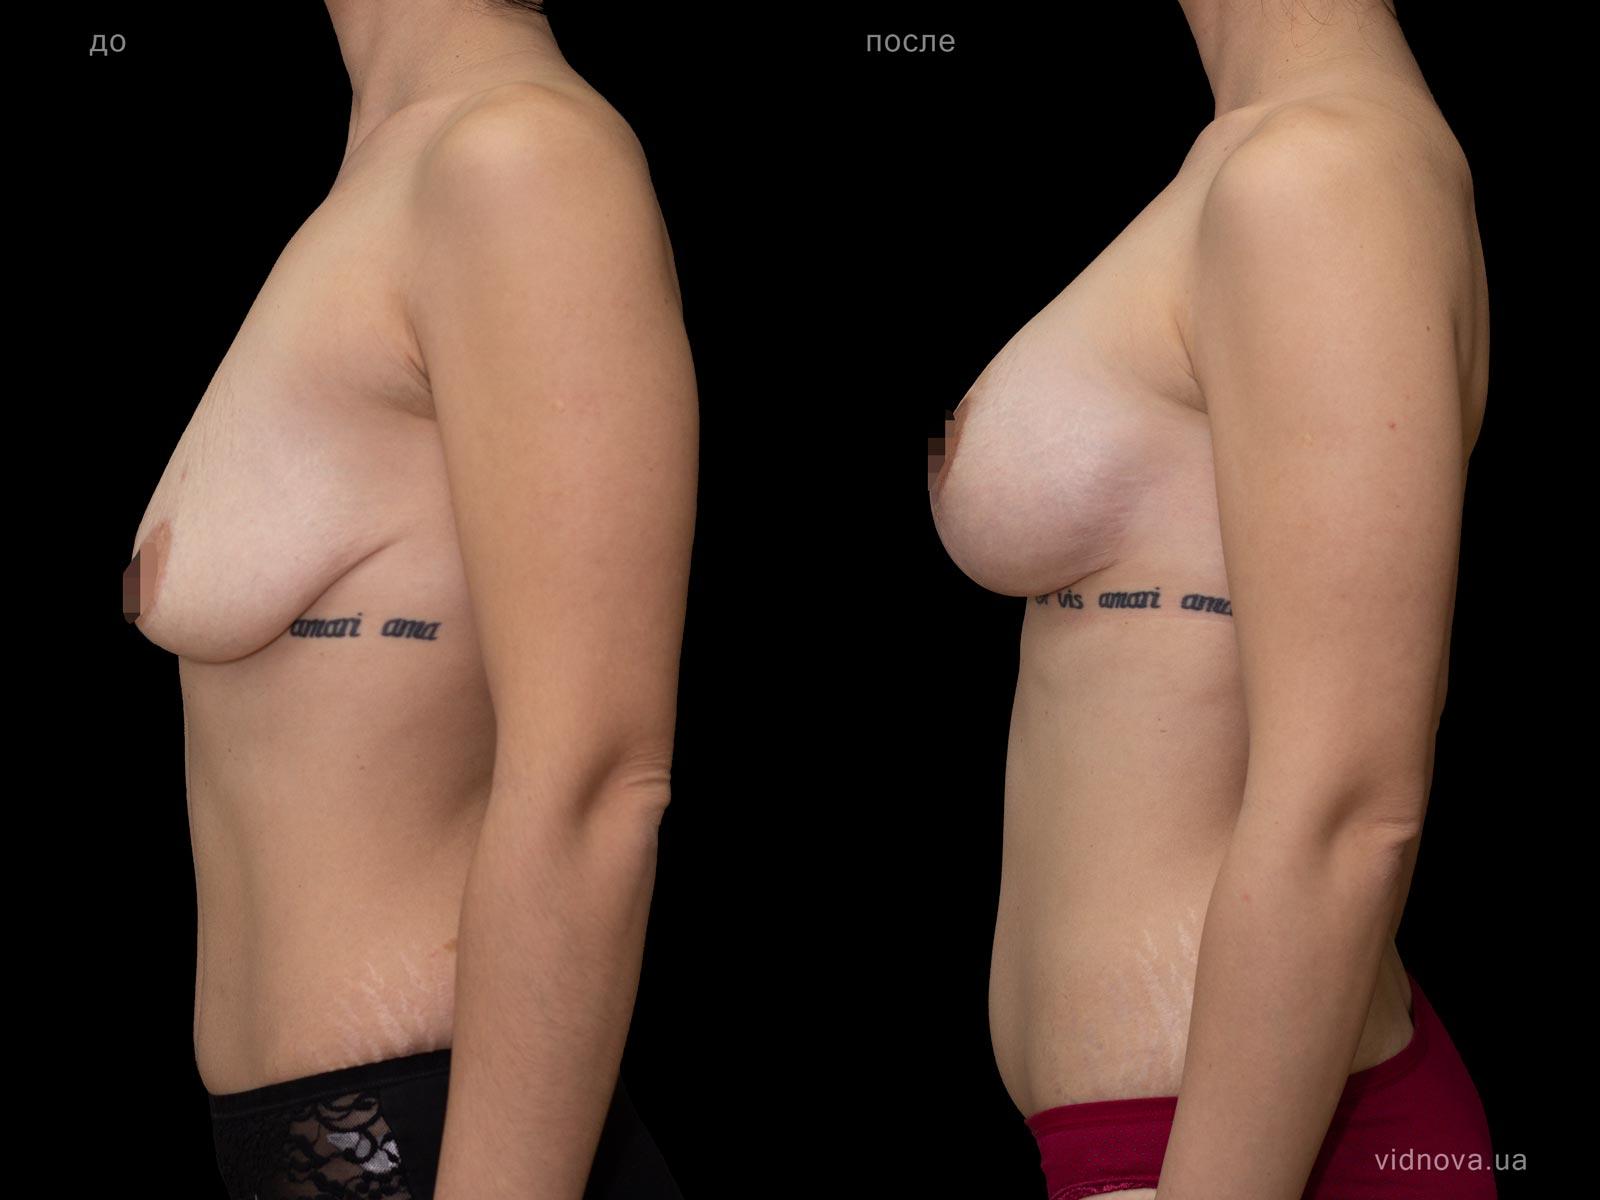 Пластика груди: результаты до и после - Пример №84-2 - Светлана Работенко